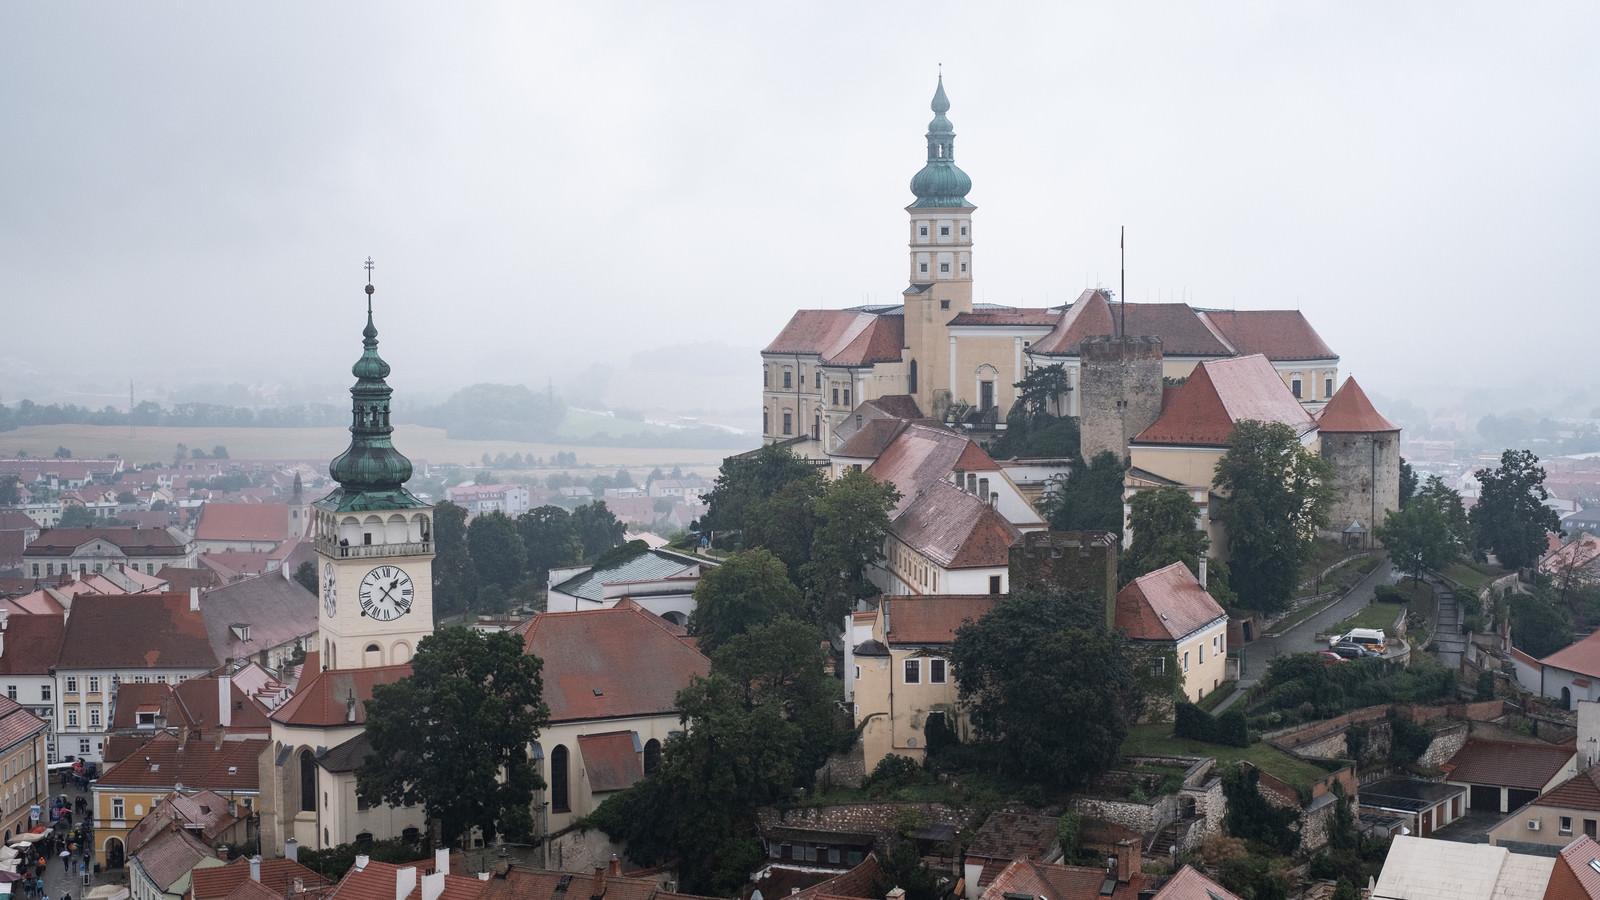 「ミクロフ城と街並み(チェコ共和国・ミクロフ)」の写真